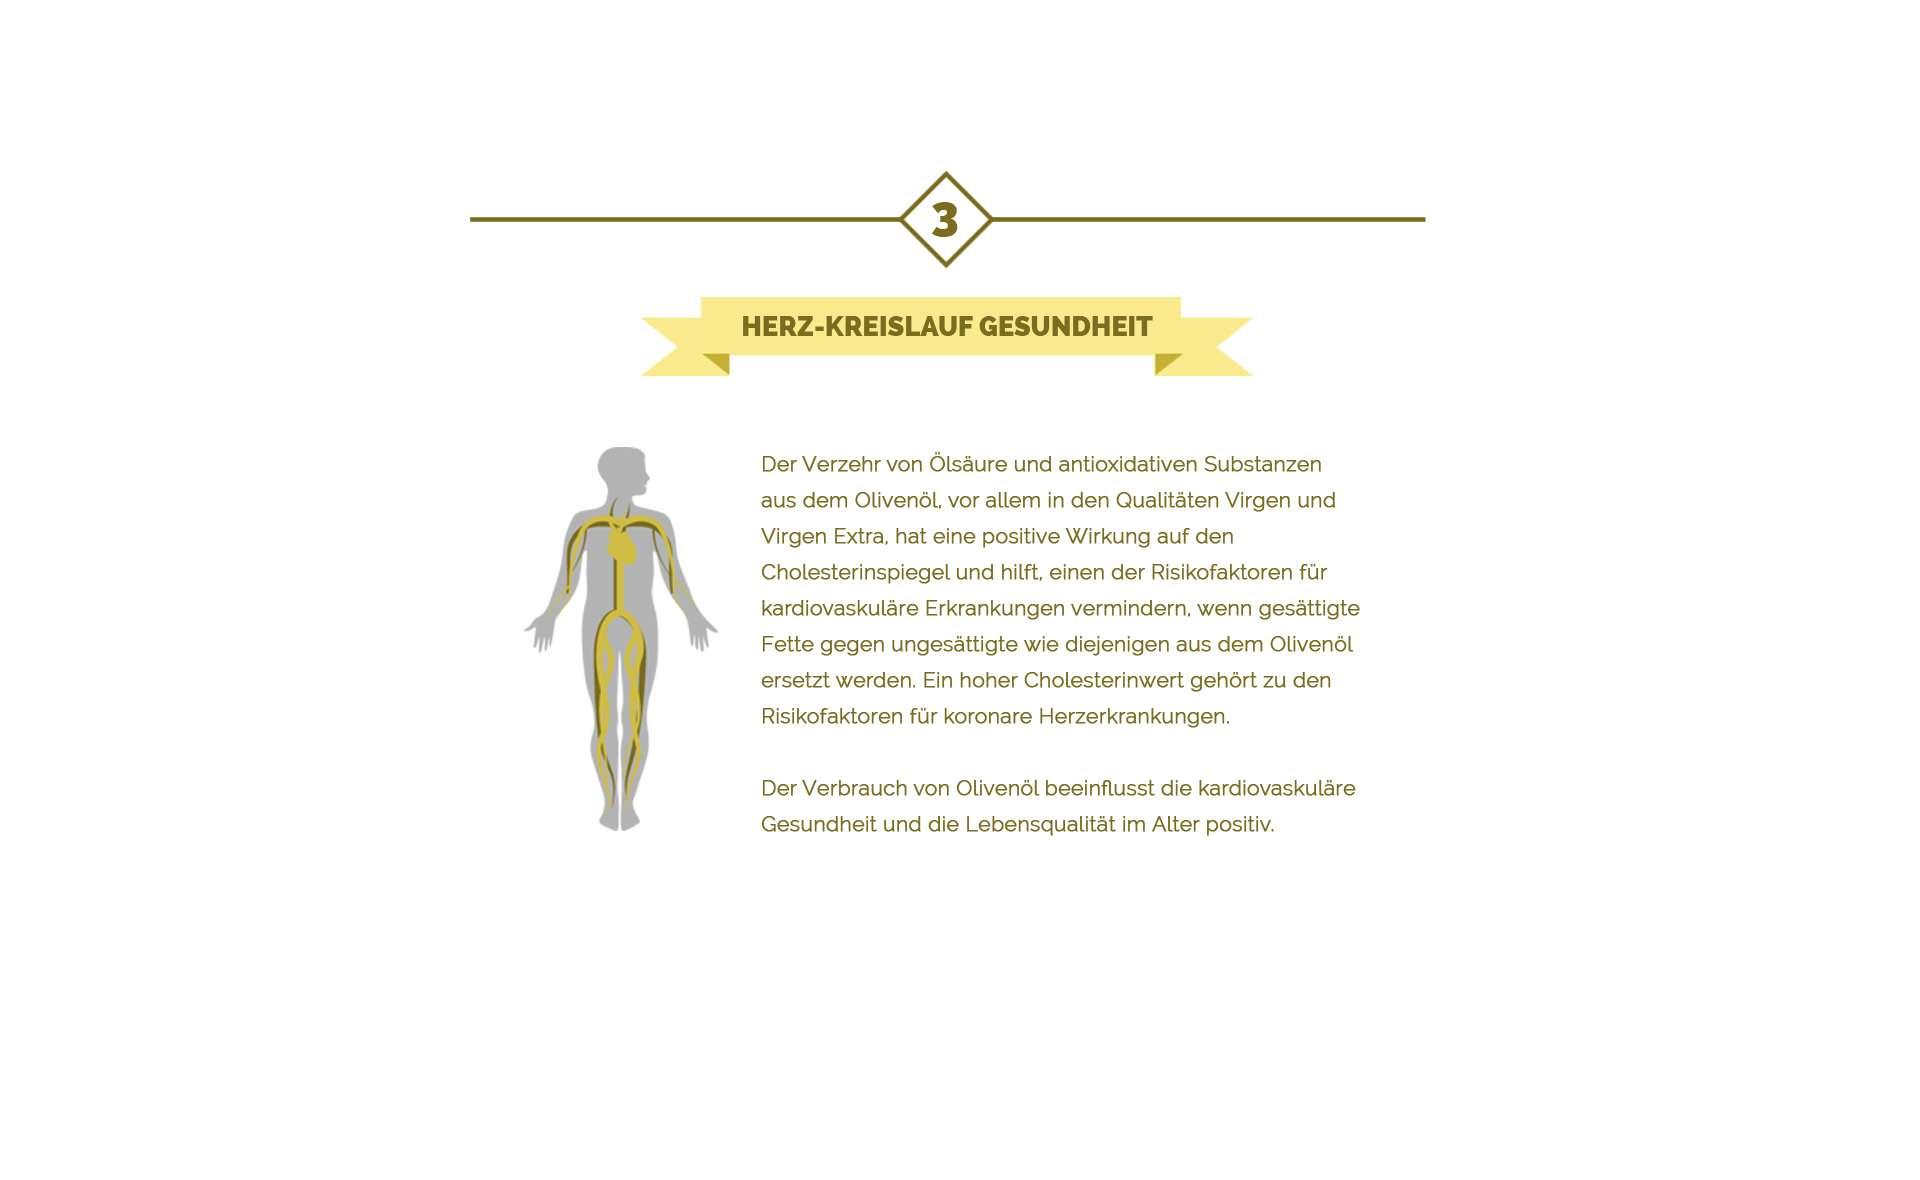 Olivenöl Verbrauch reduziert das Risiko von Herz-Kreislauf-Erkrankungen